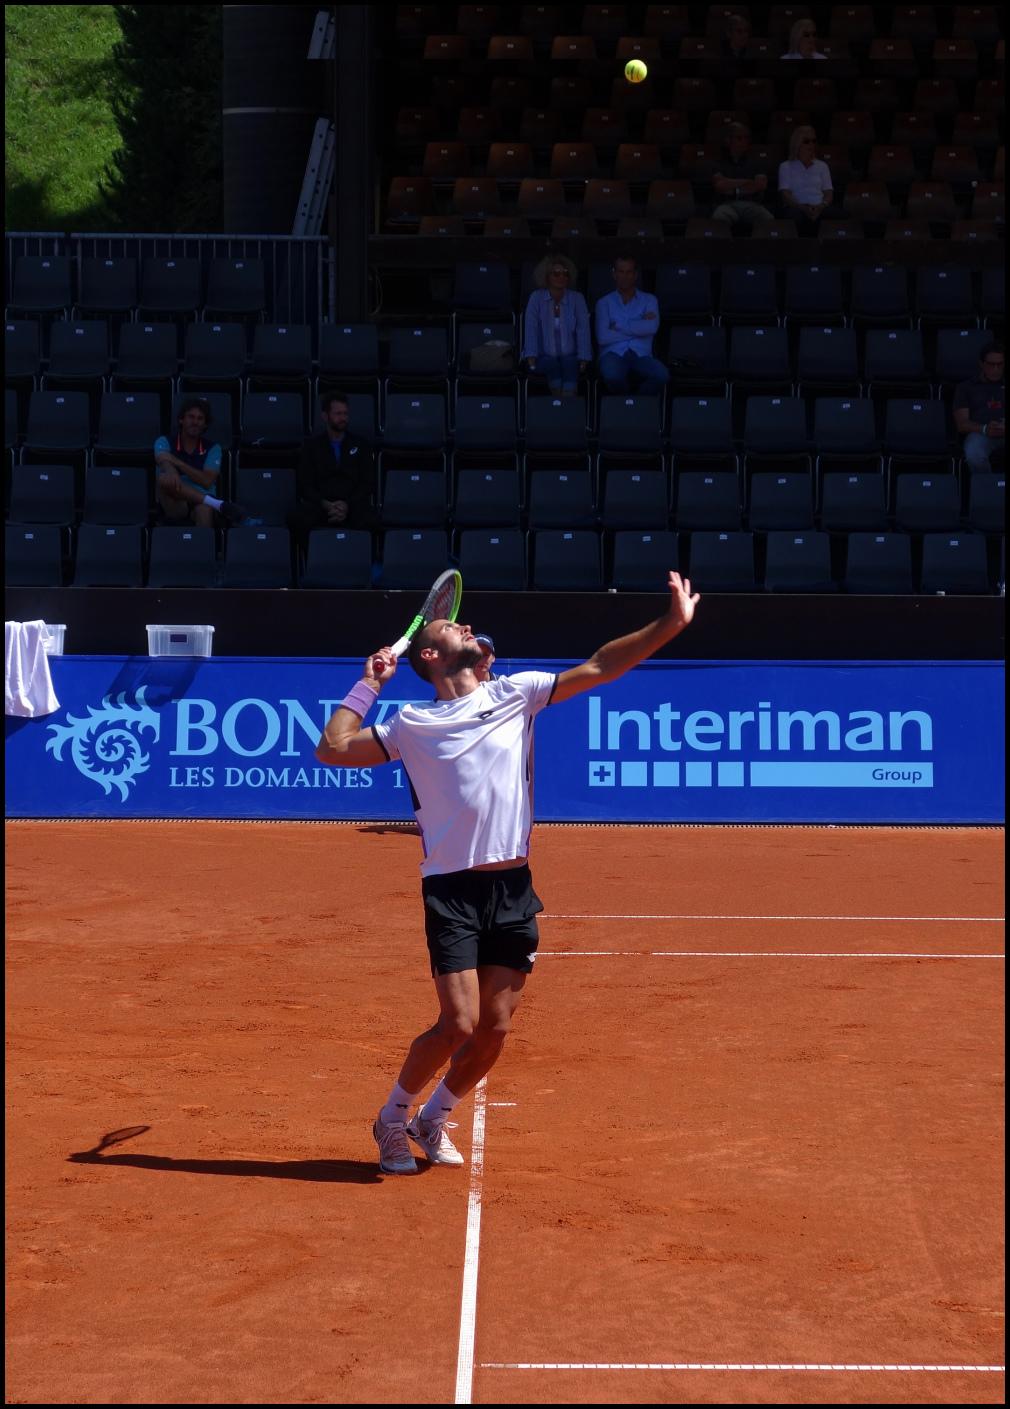 mouvement du service au tennis